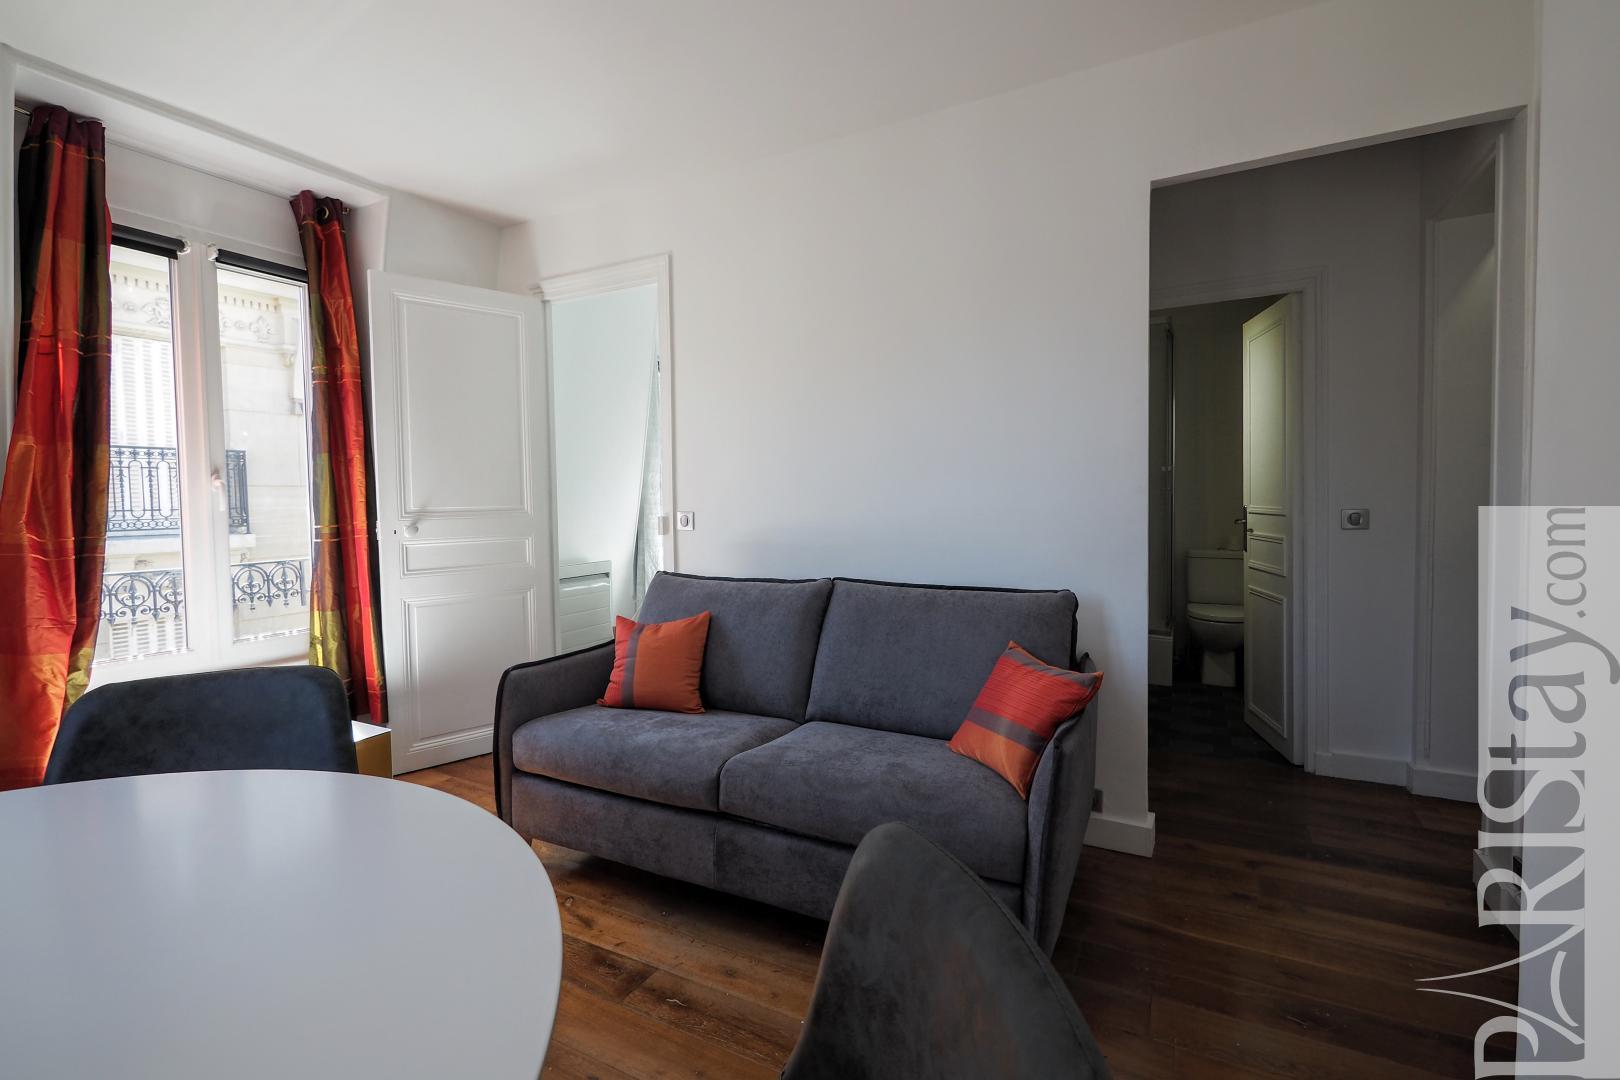 Paris Long Term Apartment Rental 1 Bedroom Flat For Rent Le Marais